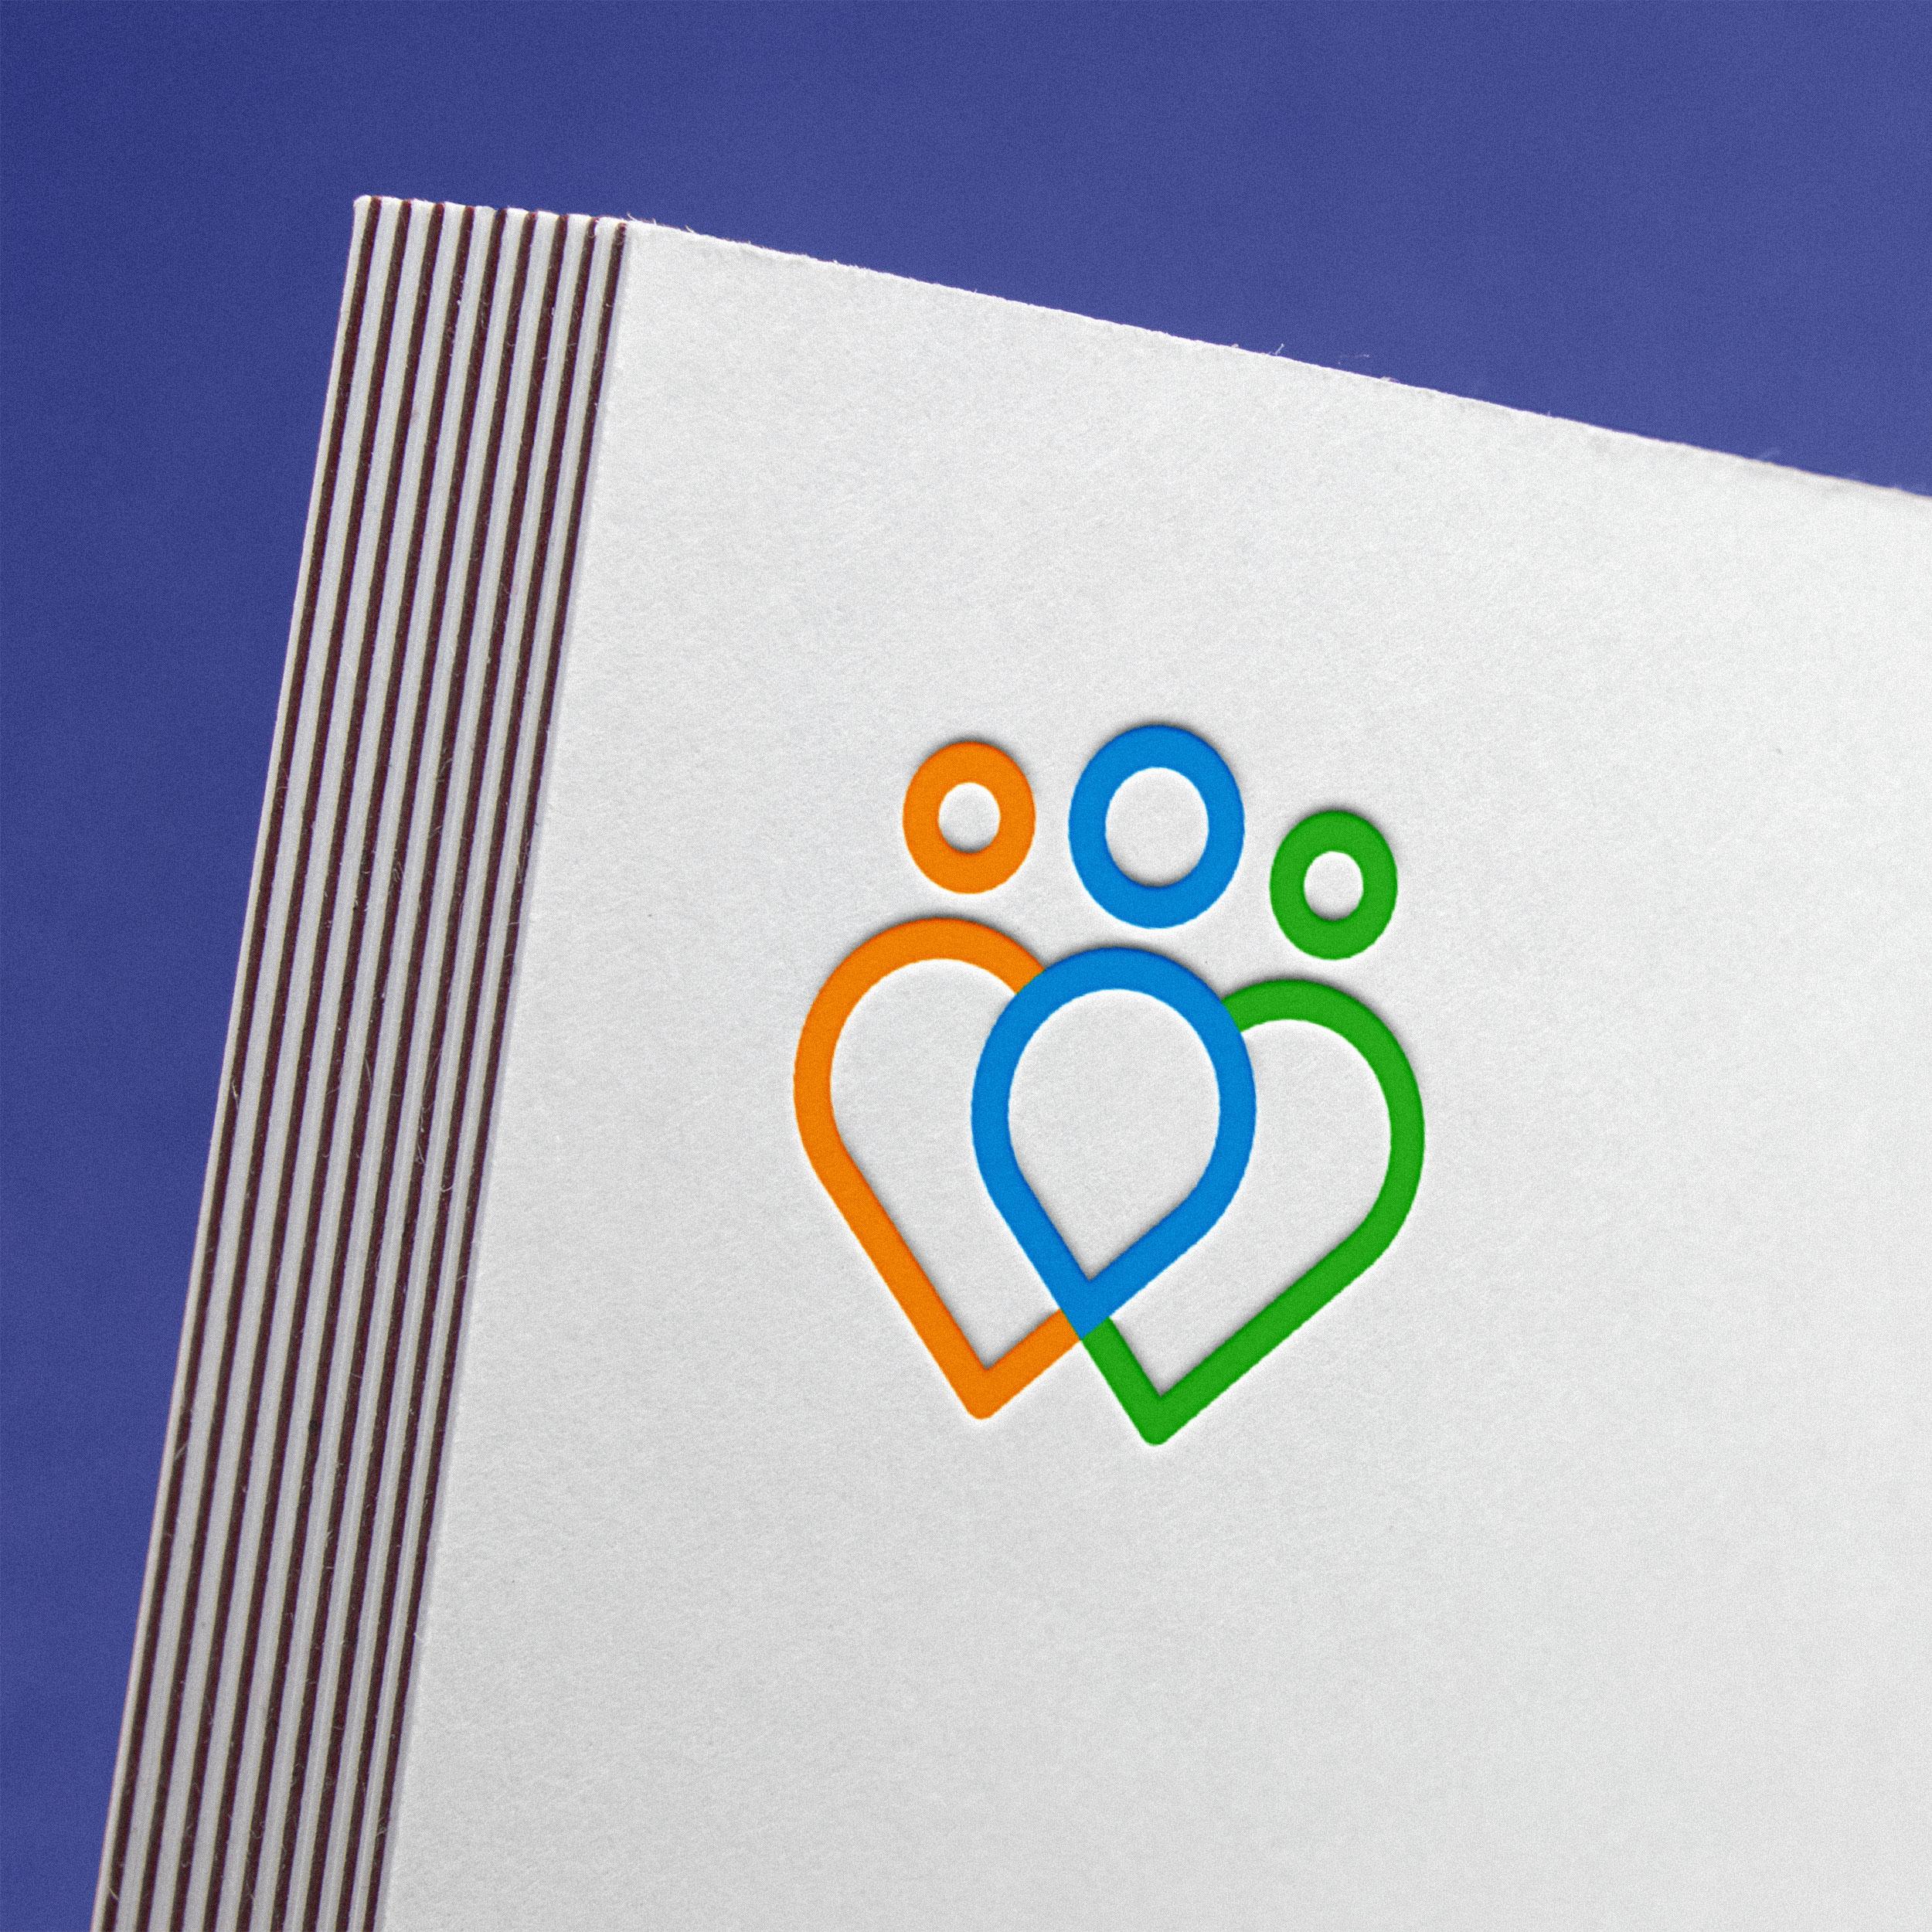 Providence Heart Center